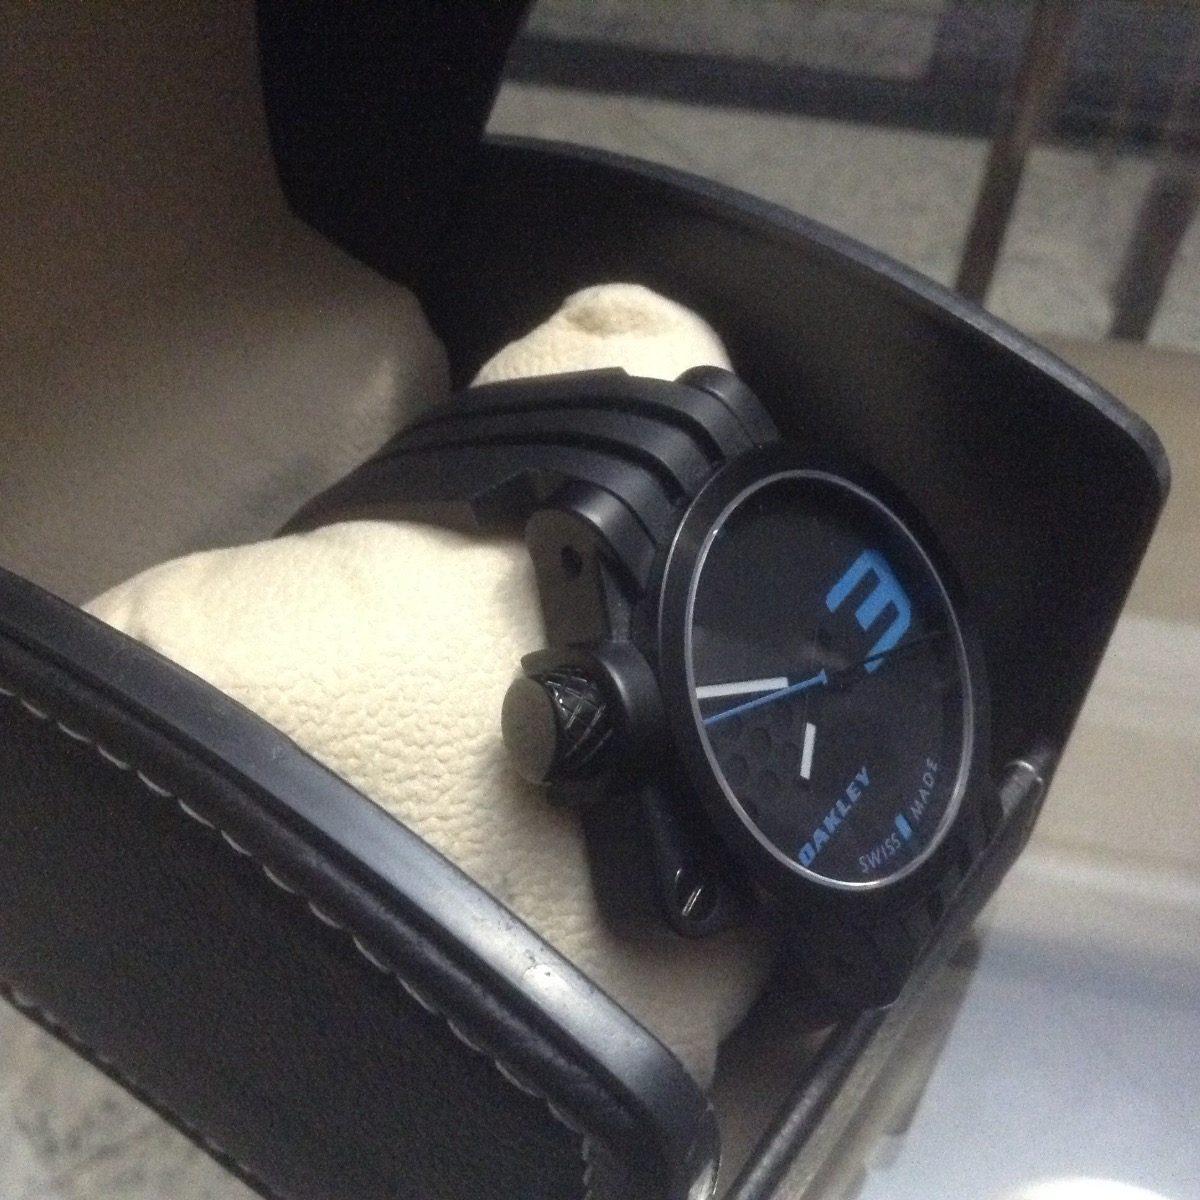 27703a3c693 relógio oakley transfer case - original - s  a caixa orig. Carregando zoom.